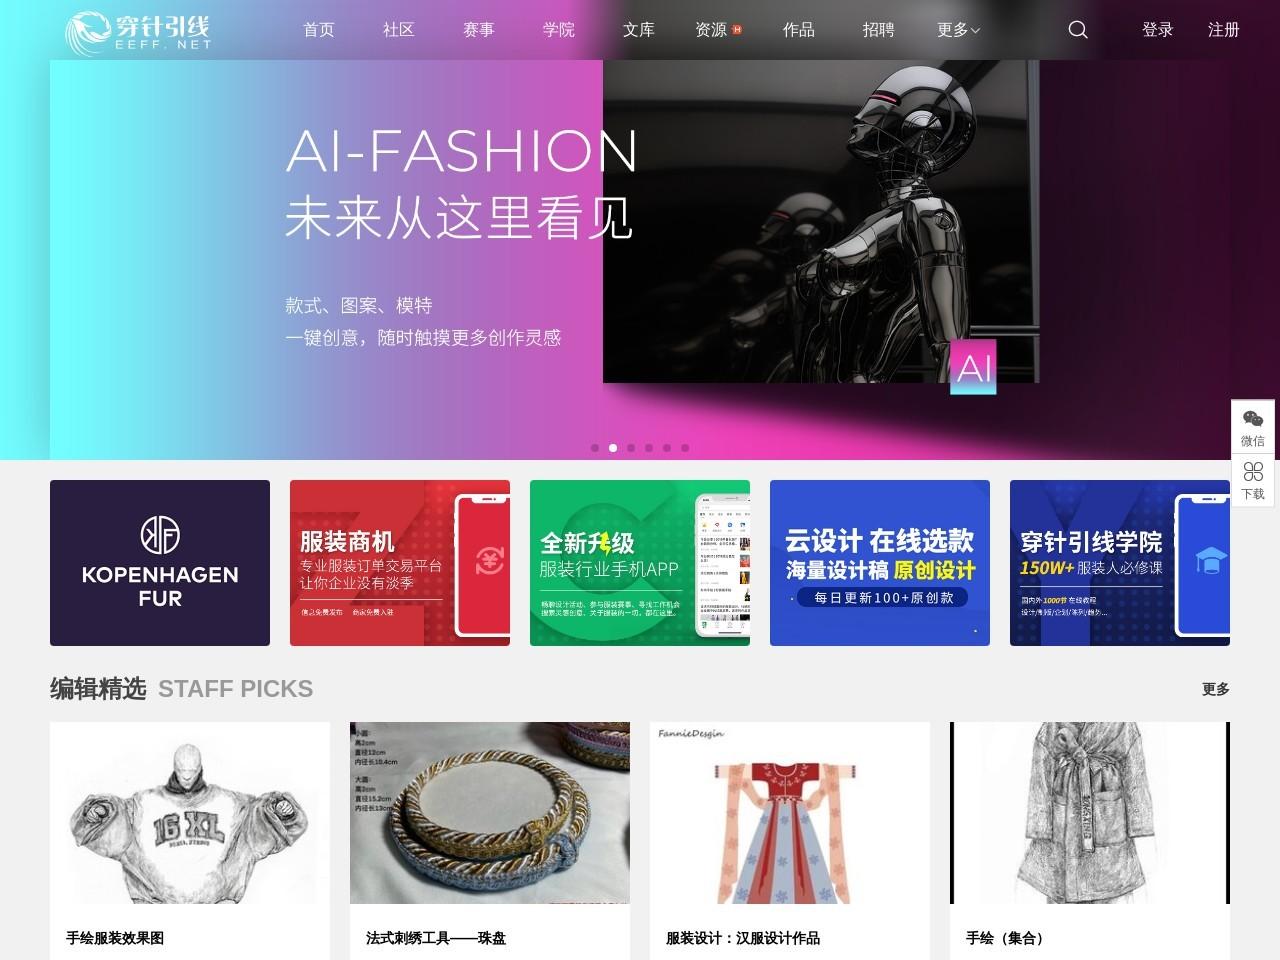 服装设计-服装行业学习交流平台 - 穿针引线网